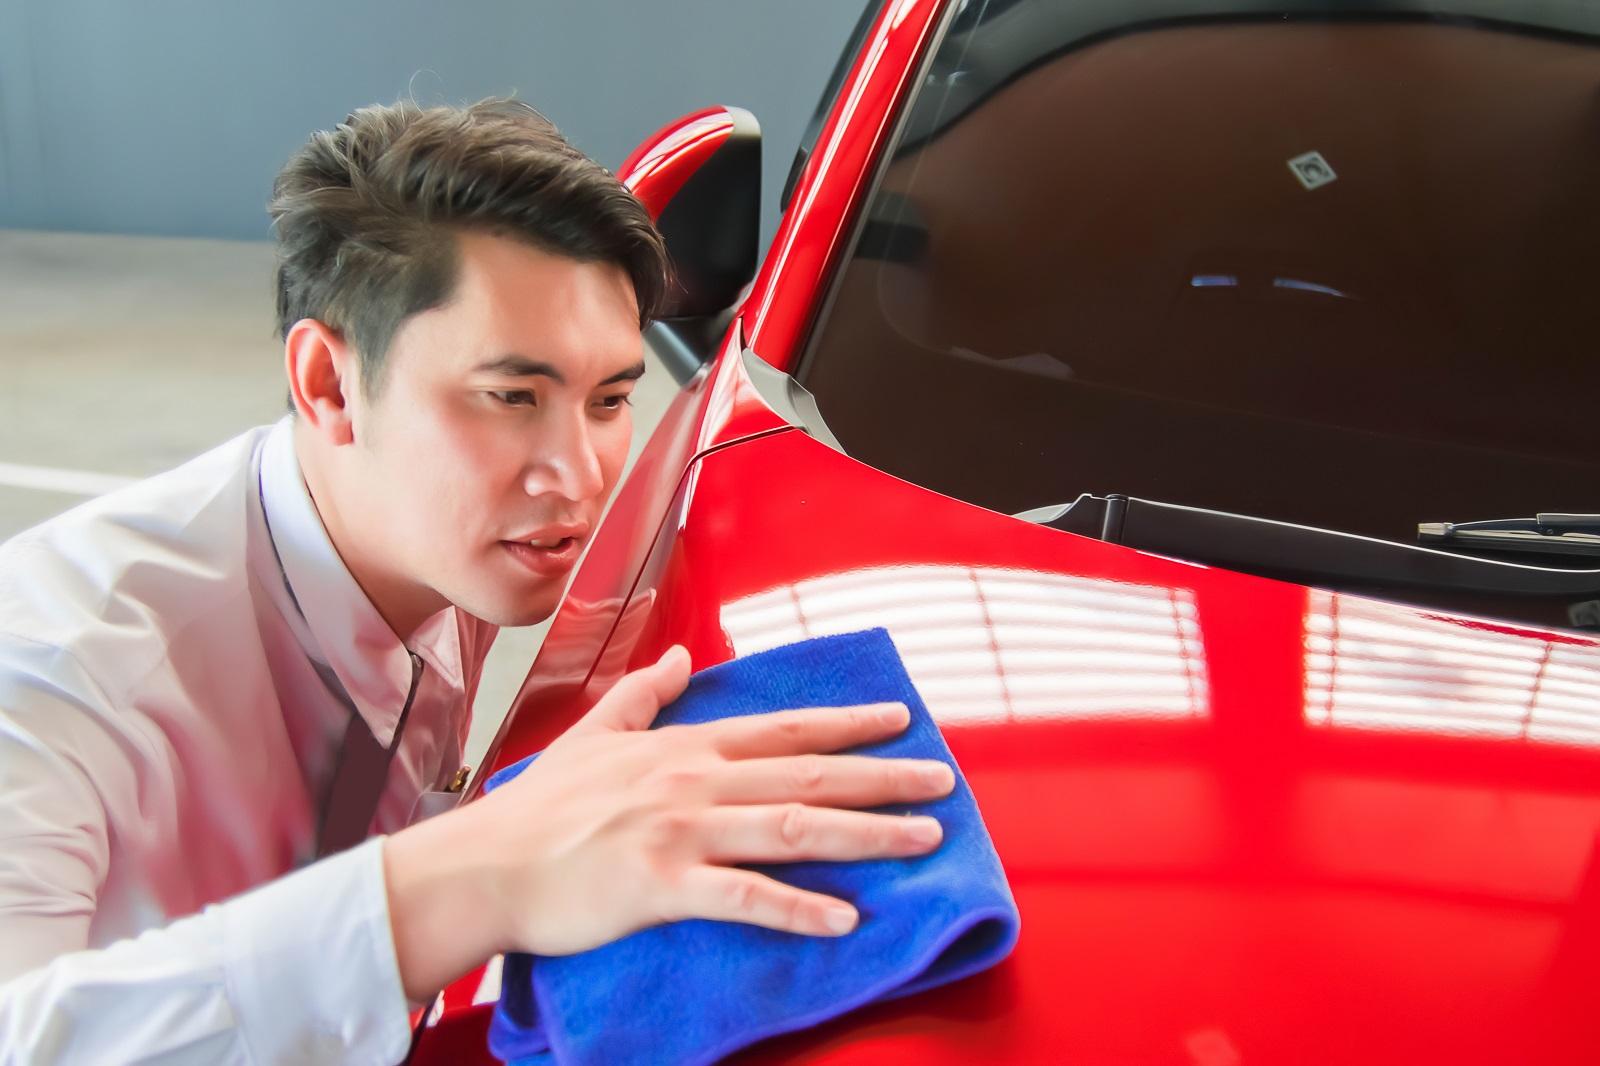 買車、養車的費用該花多少?理財專家建議:別超過年收入10分之1